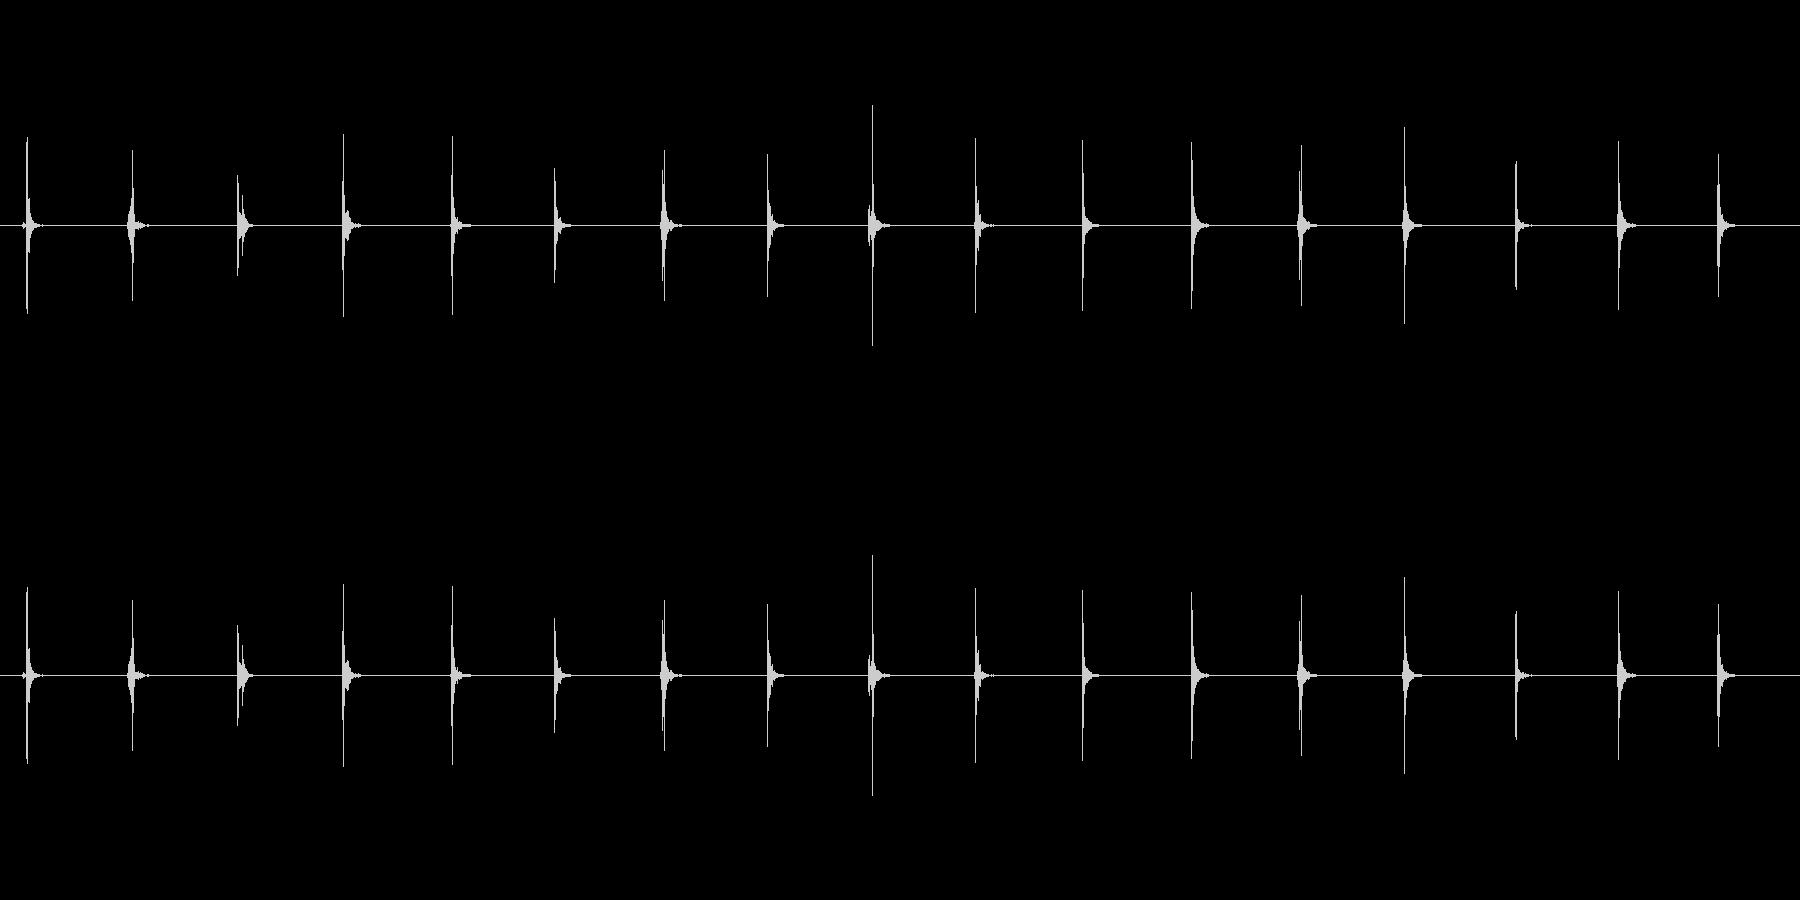 【足音03-1L】の未再生の波形